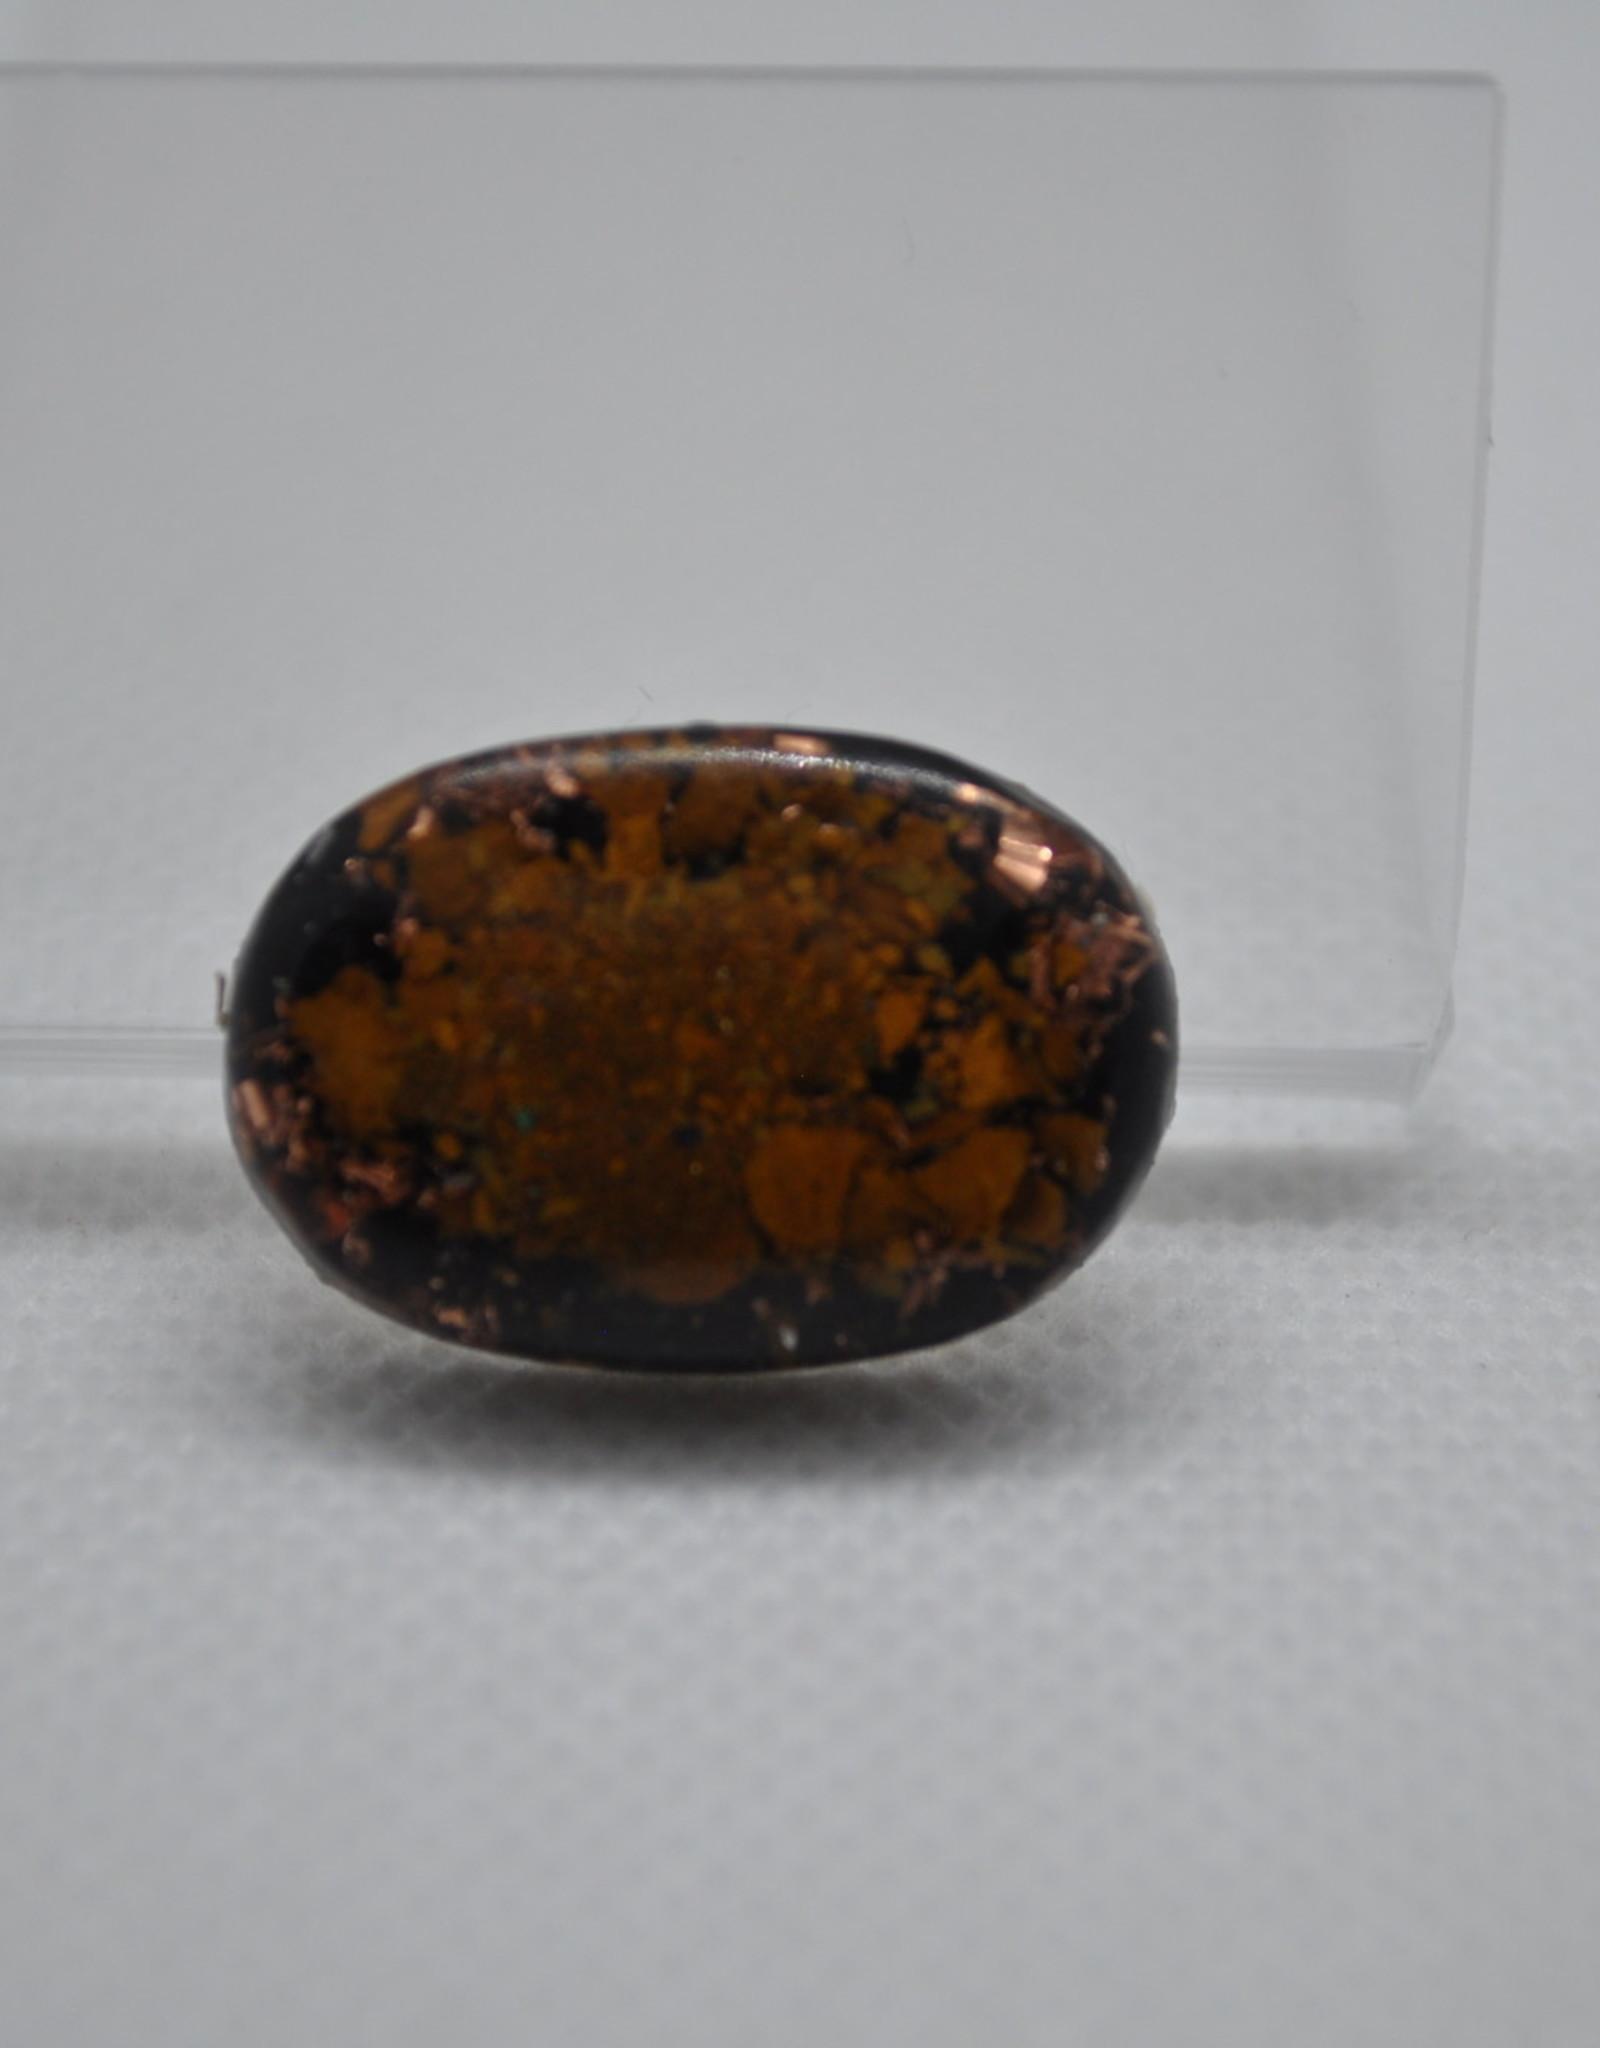 Orgone Energy Fields Orgone Cell Phone Protector   Oval Yellow Jasper, Shungite, Copper Shavings